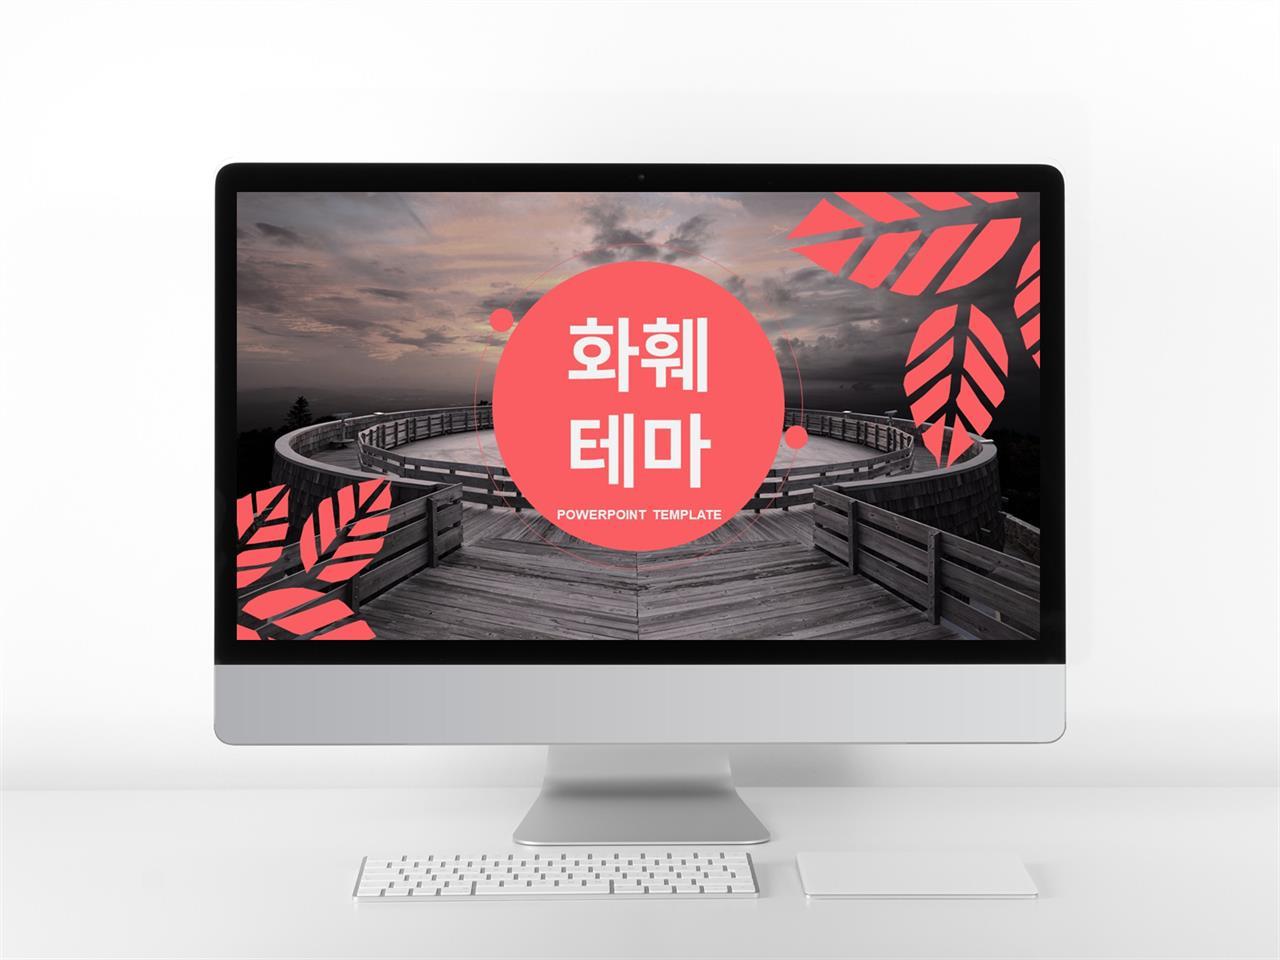 꽃과 동식물 주제 붉은색 예쁜 시선을 사로잡는 PPT탬플릿 만들기 미리보기